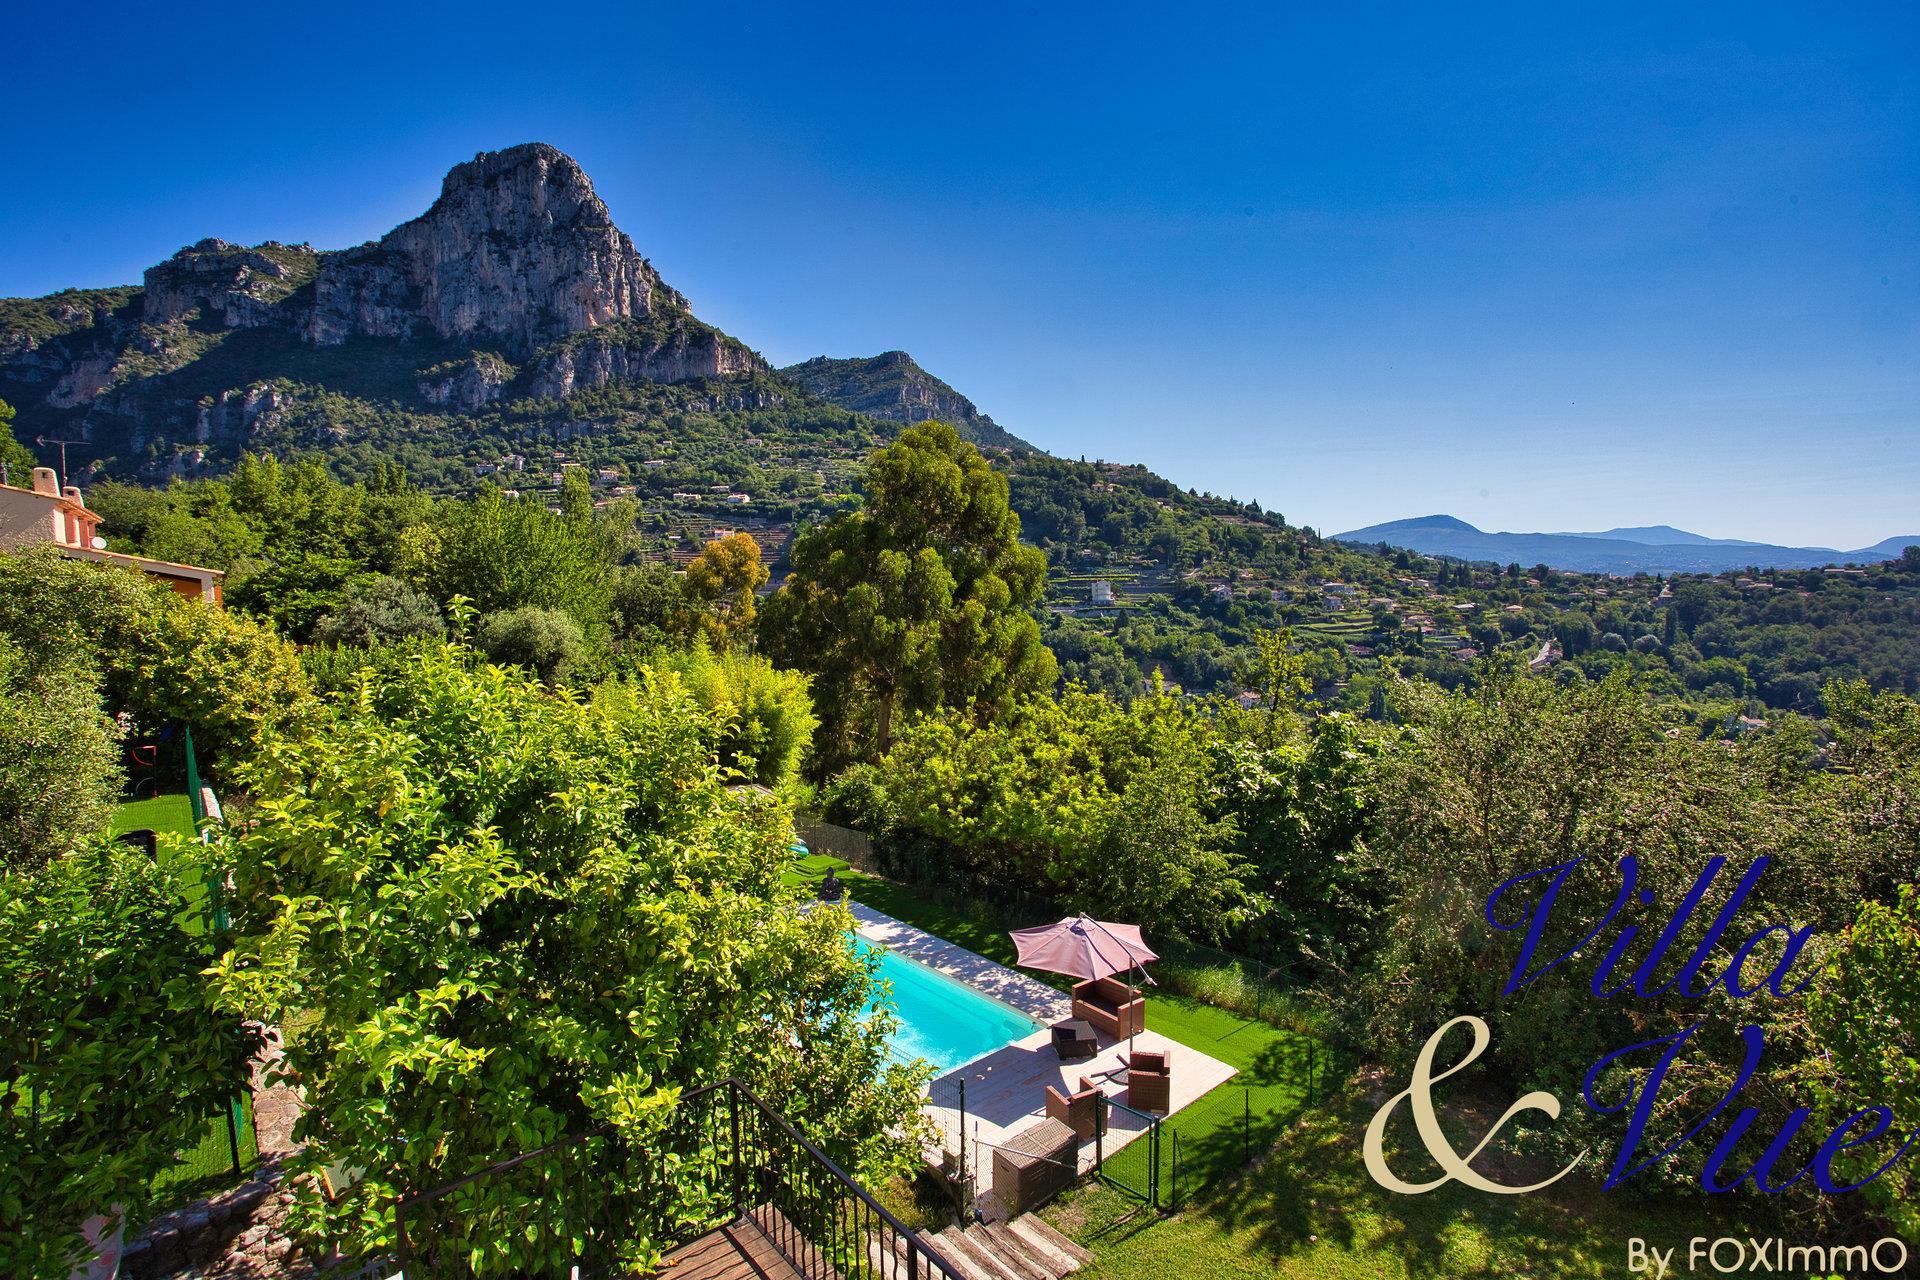 Casa indipendente in vendita in 2 appartamenti, Vence, bellissima vista mare e montagna